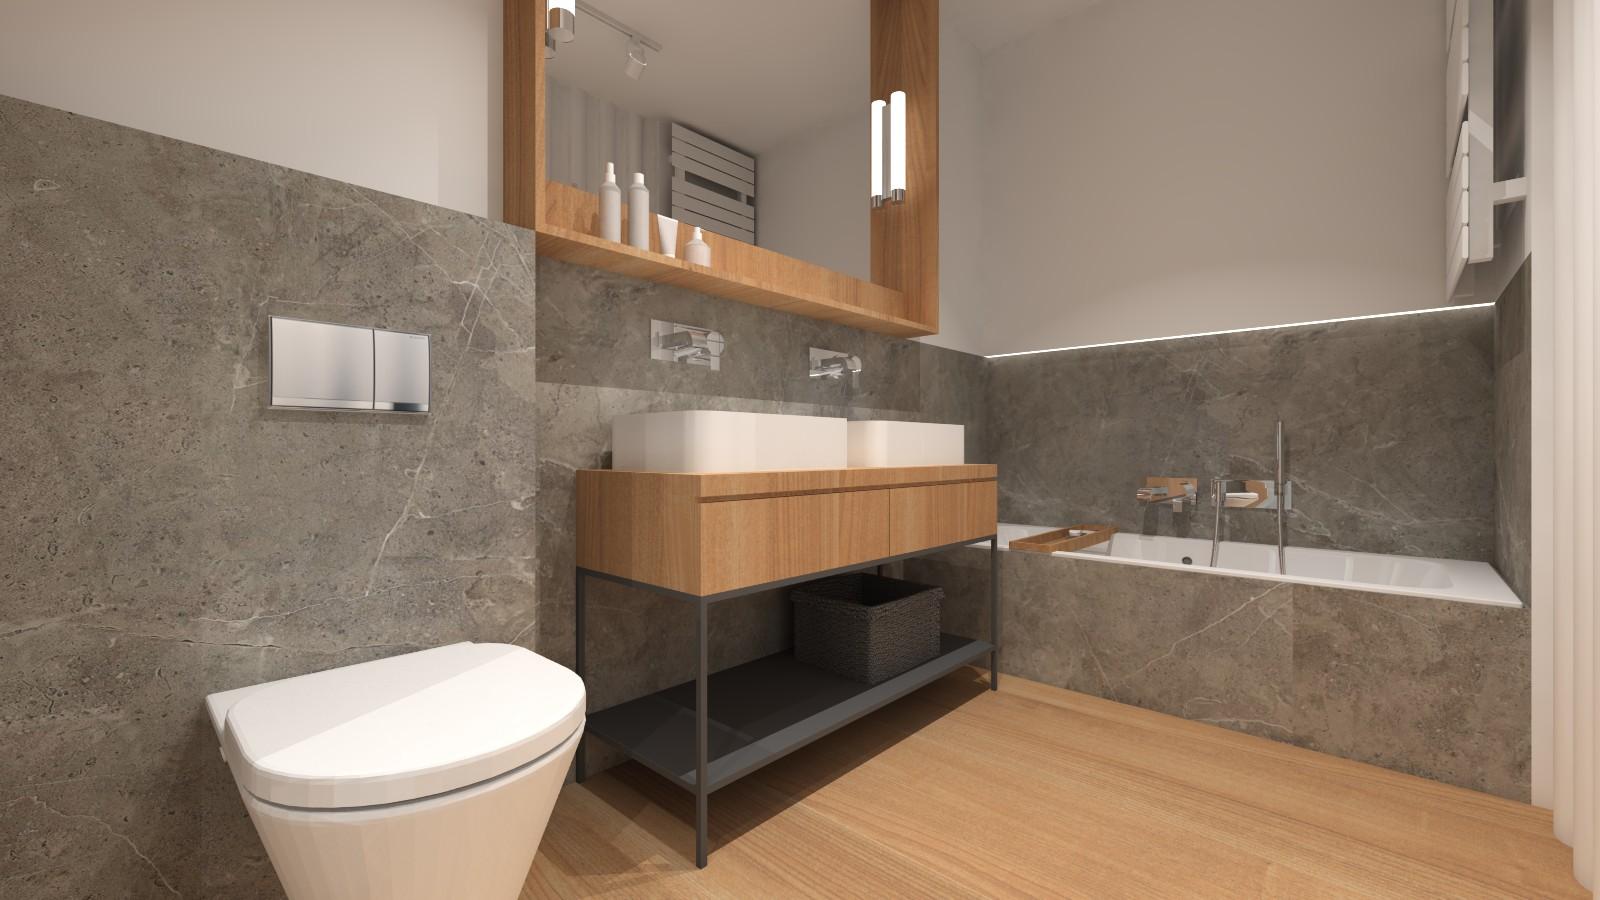 nowoczesna-lazienka-w-bloku-naturalne-kolory-kamien-drewno-szafka-loftowa-dwie-umywalki